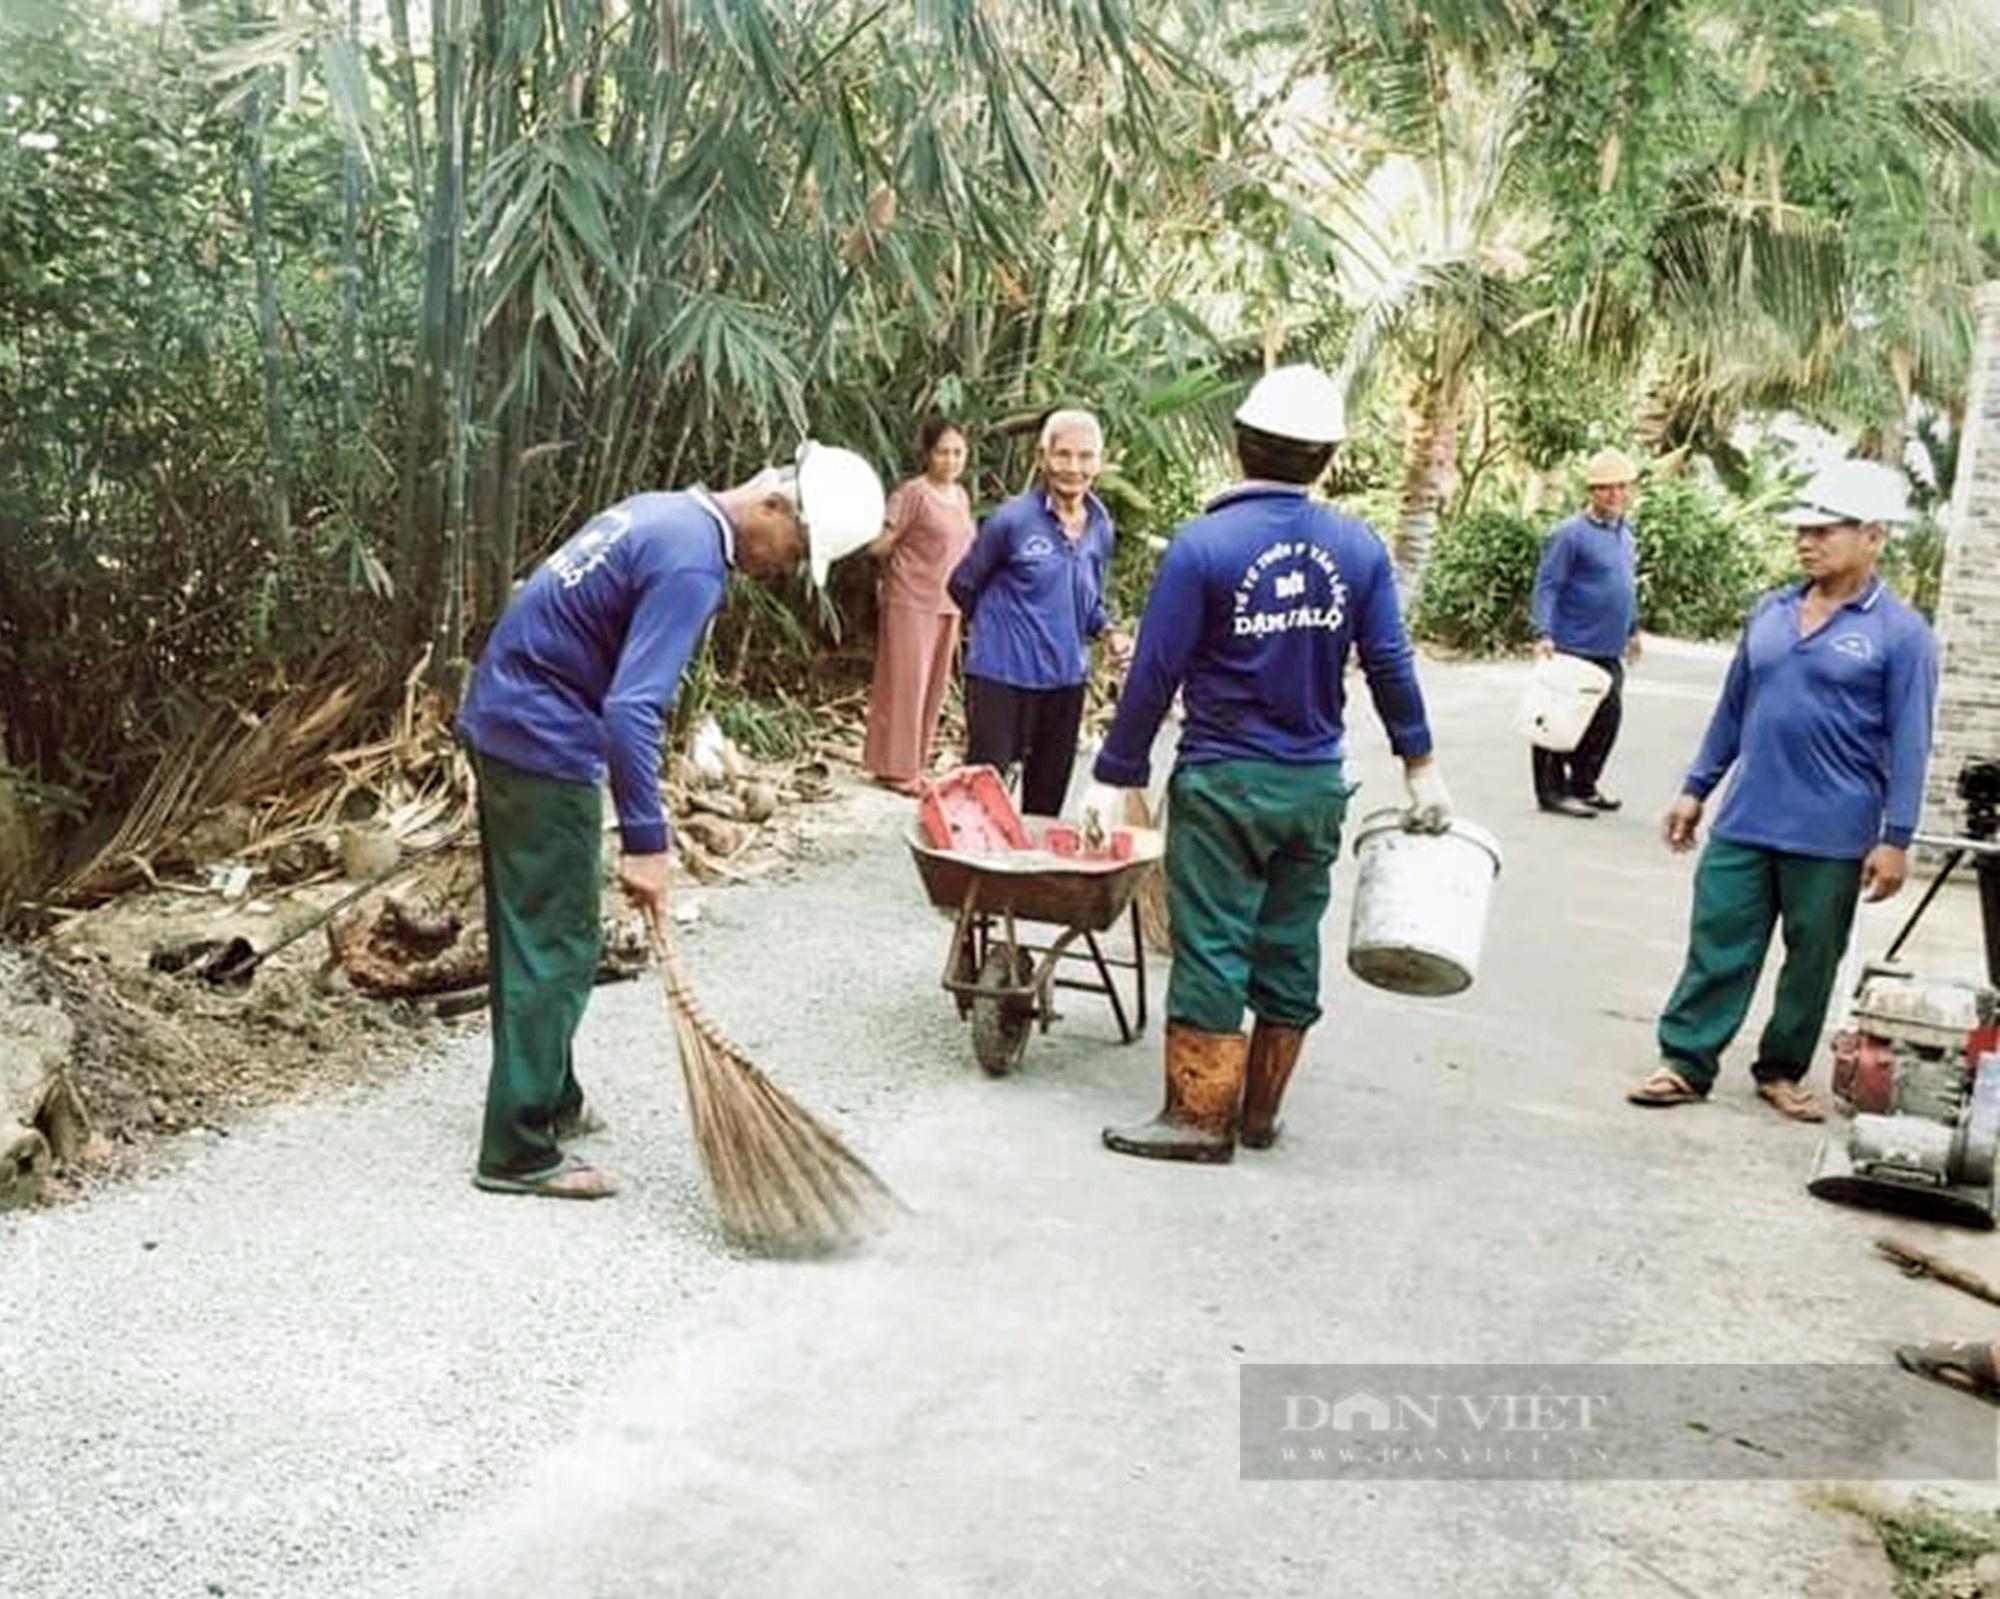 Chàng trai dành cả thanh xuân để vá đường, xây cầu từ thiện ở nông thôn - Ảnh 2.